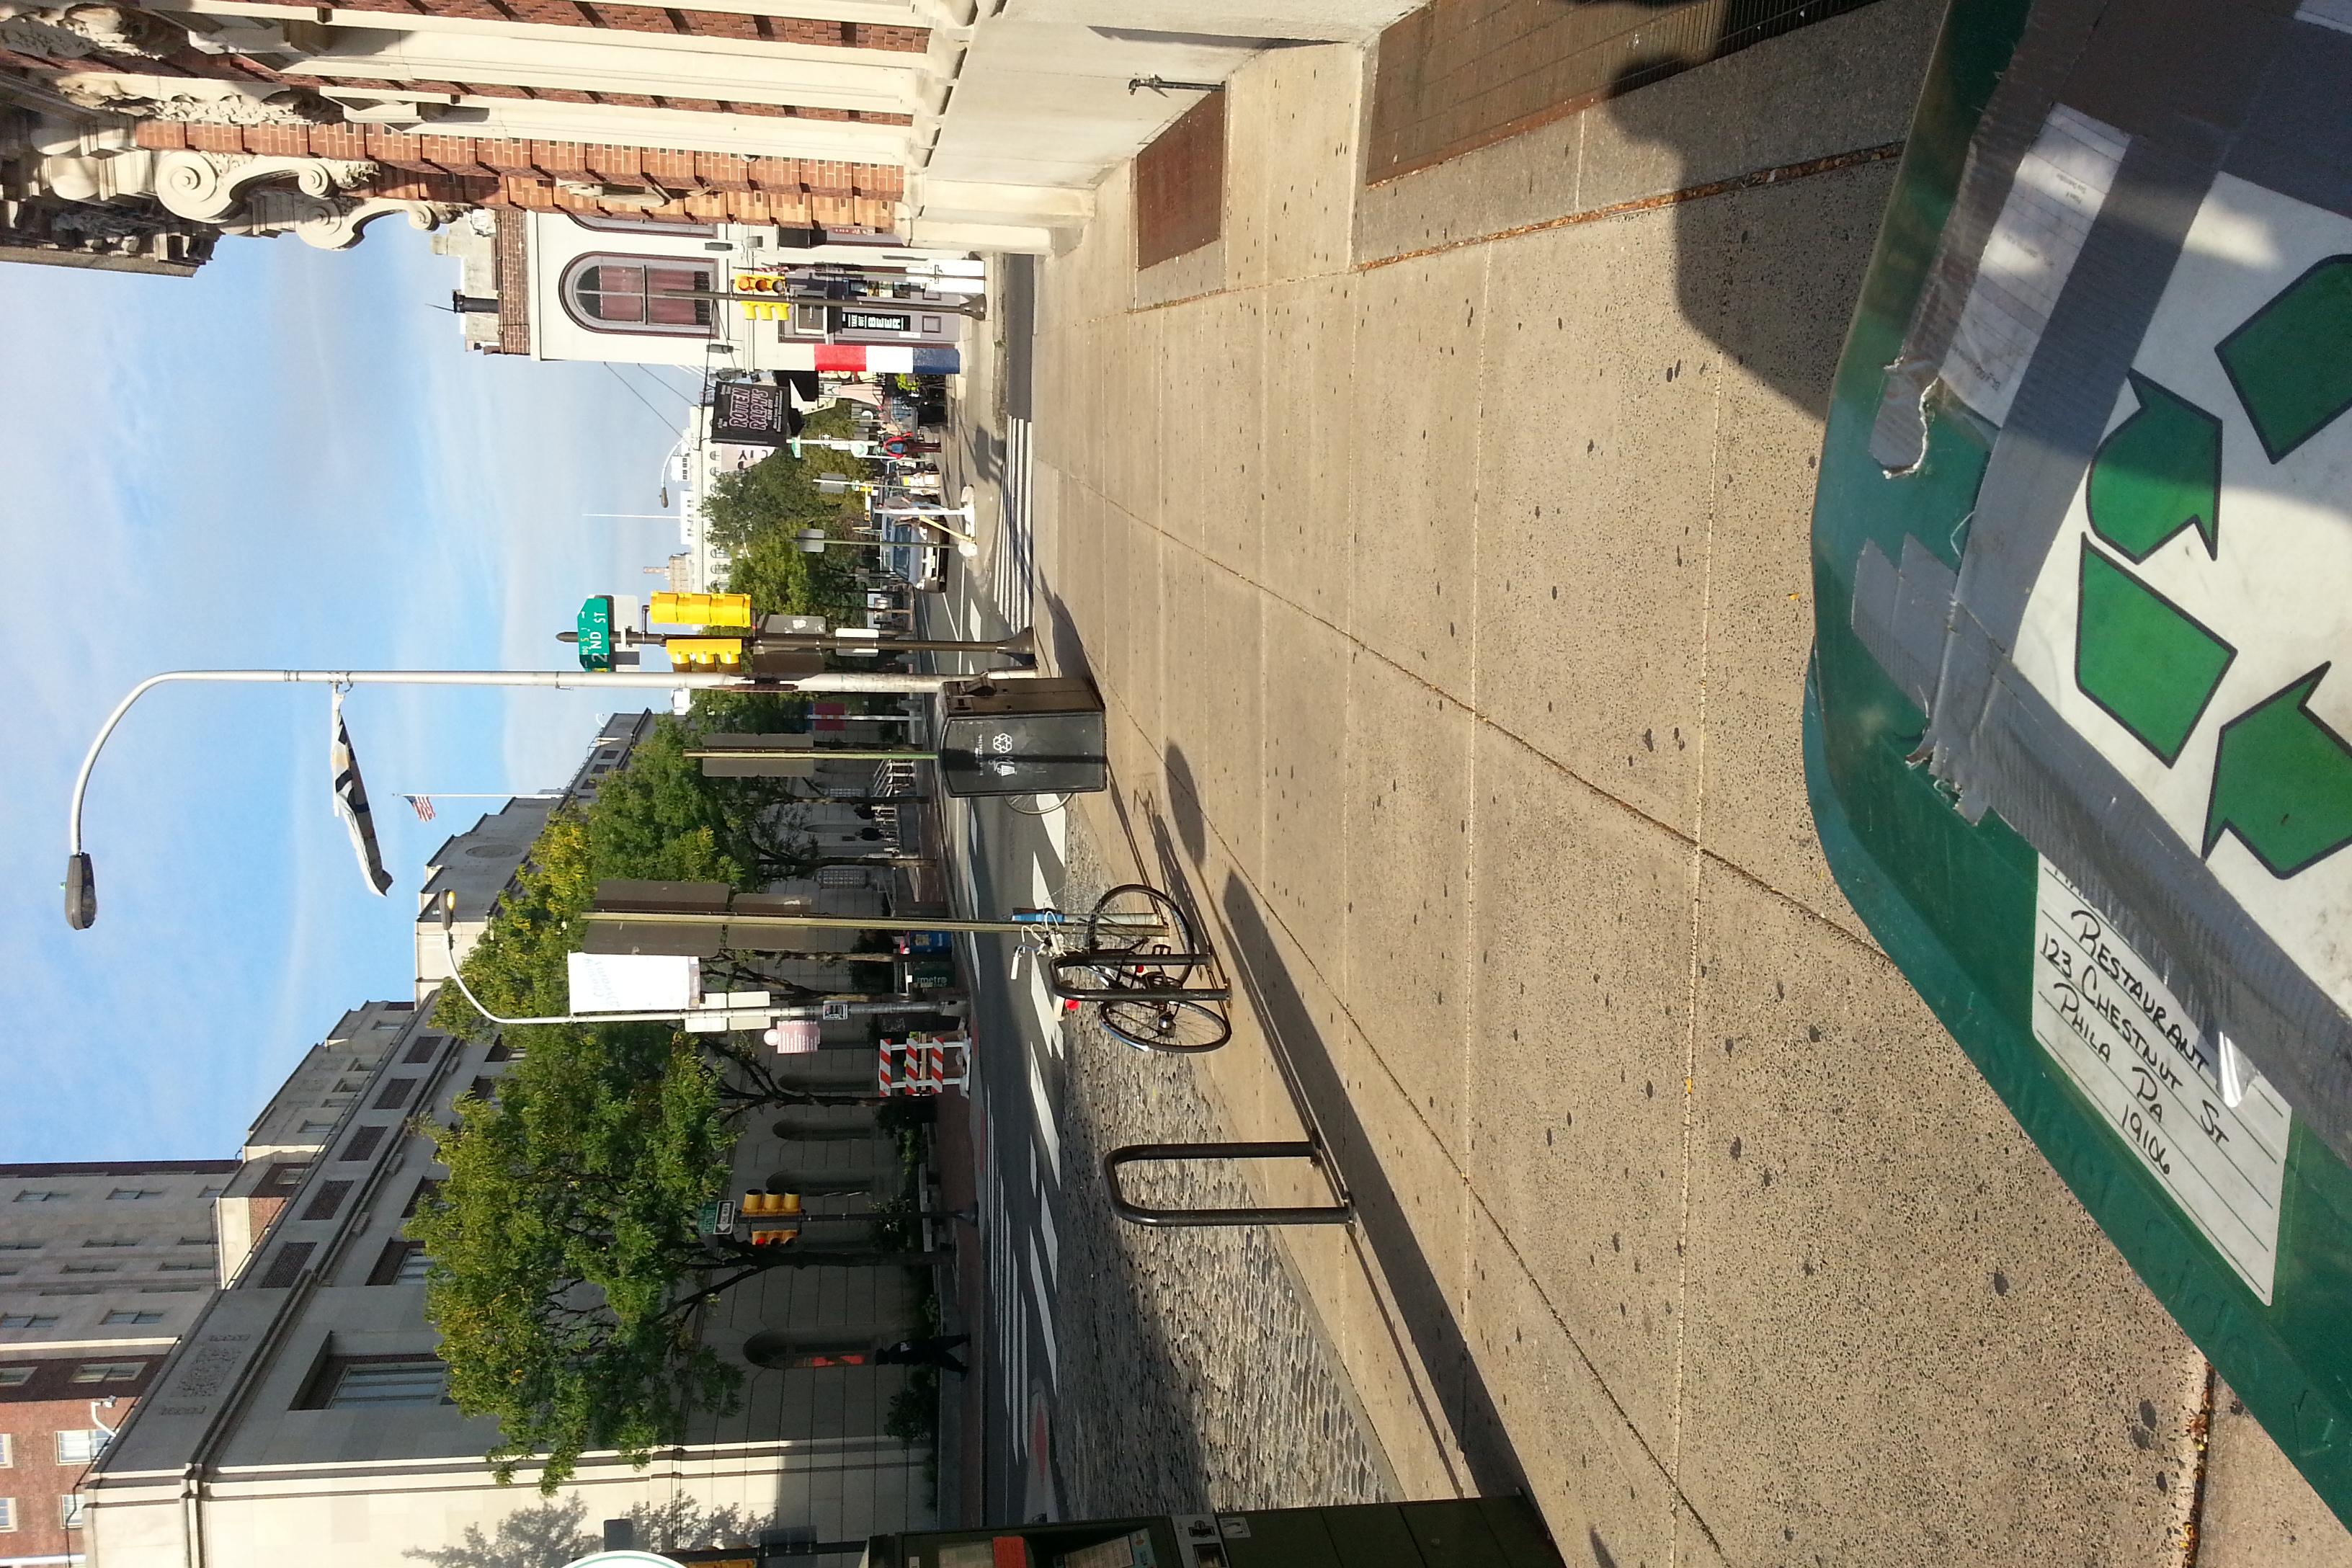 Chestnut Street in the morning.